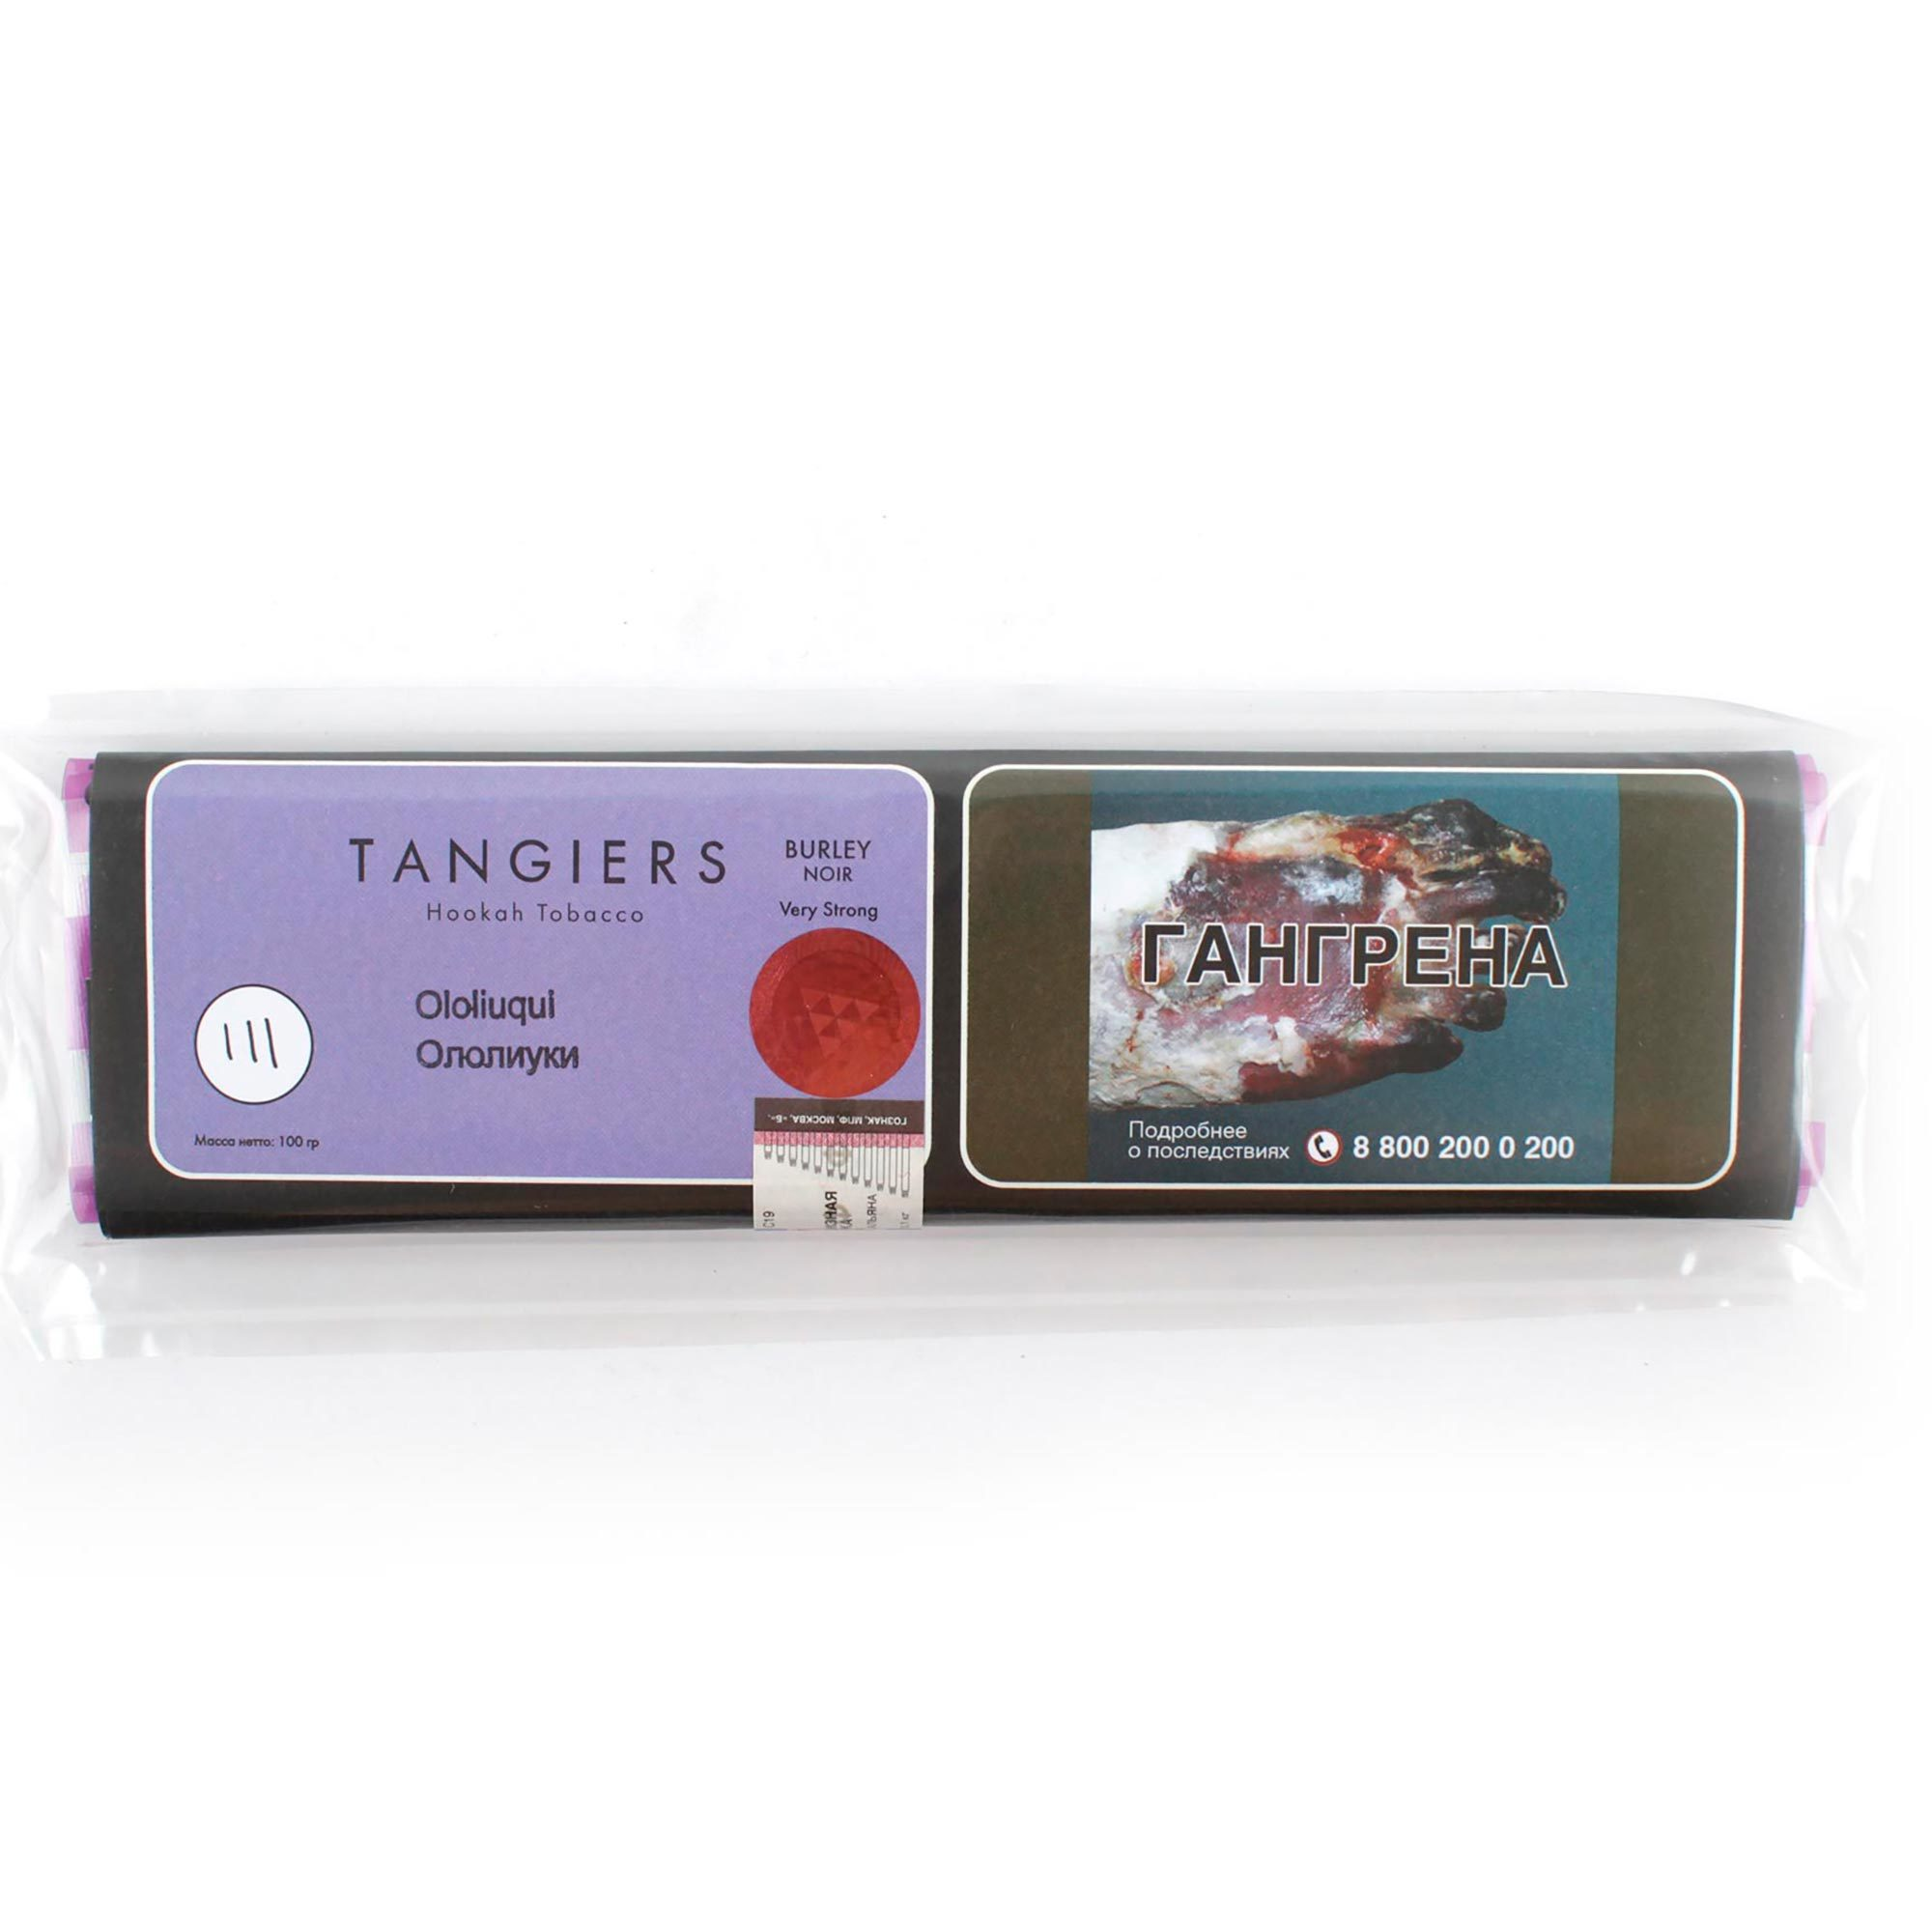 Табак для кальяна Tangiers Burley (фиолетовый) 111 Ololiuqui